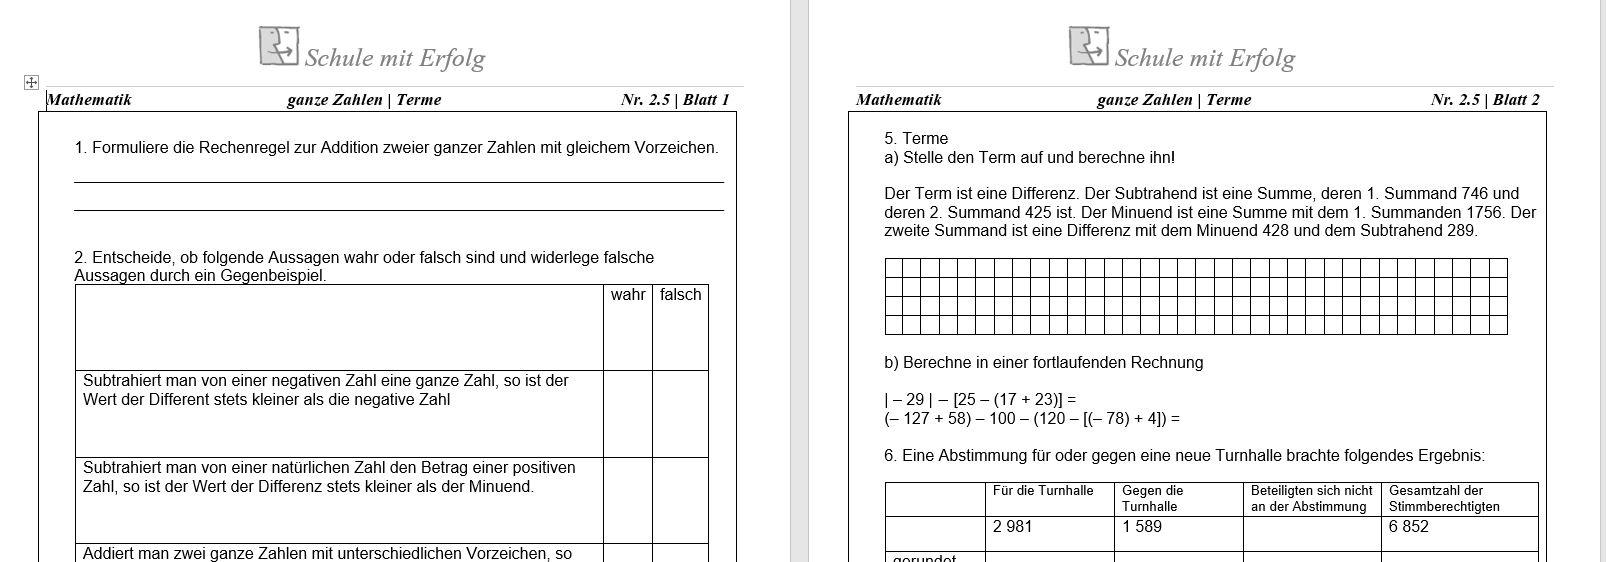 5. Klasse Schulaufgaben & Übungen - Gymnasium bei Mathearbeit Gymnasium Klasse 5